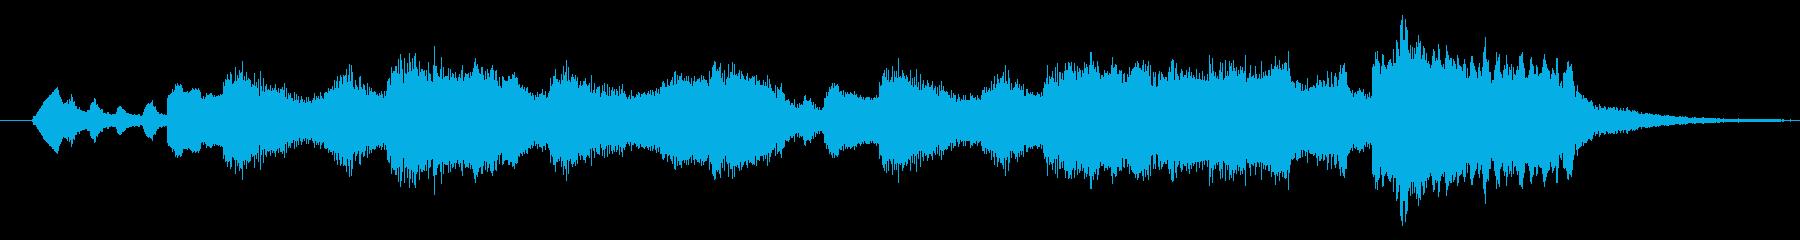 優雅なワルツを12秒のサウンドロゴでの再生済みの波形